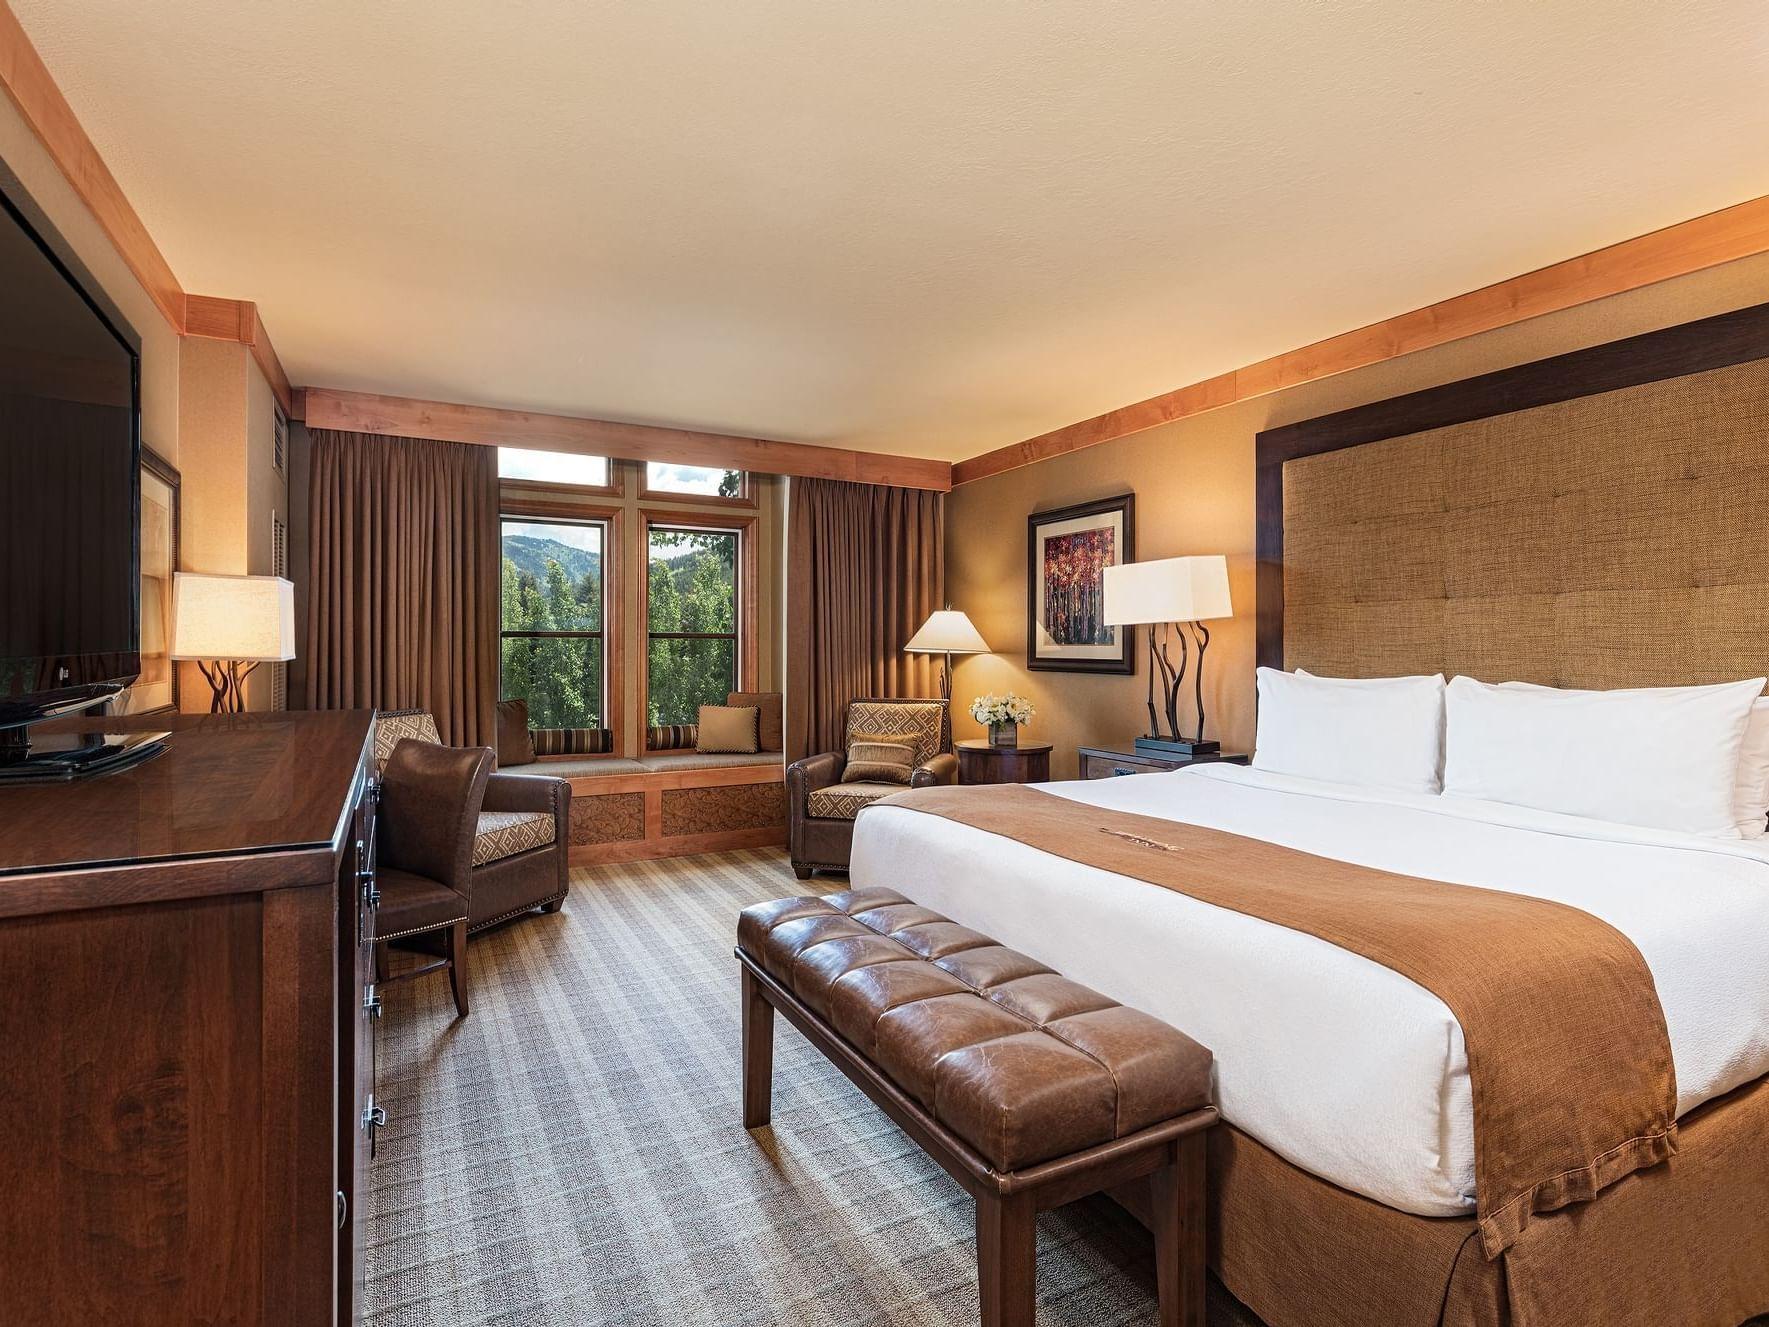 Premium King room at Wyoming Inn